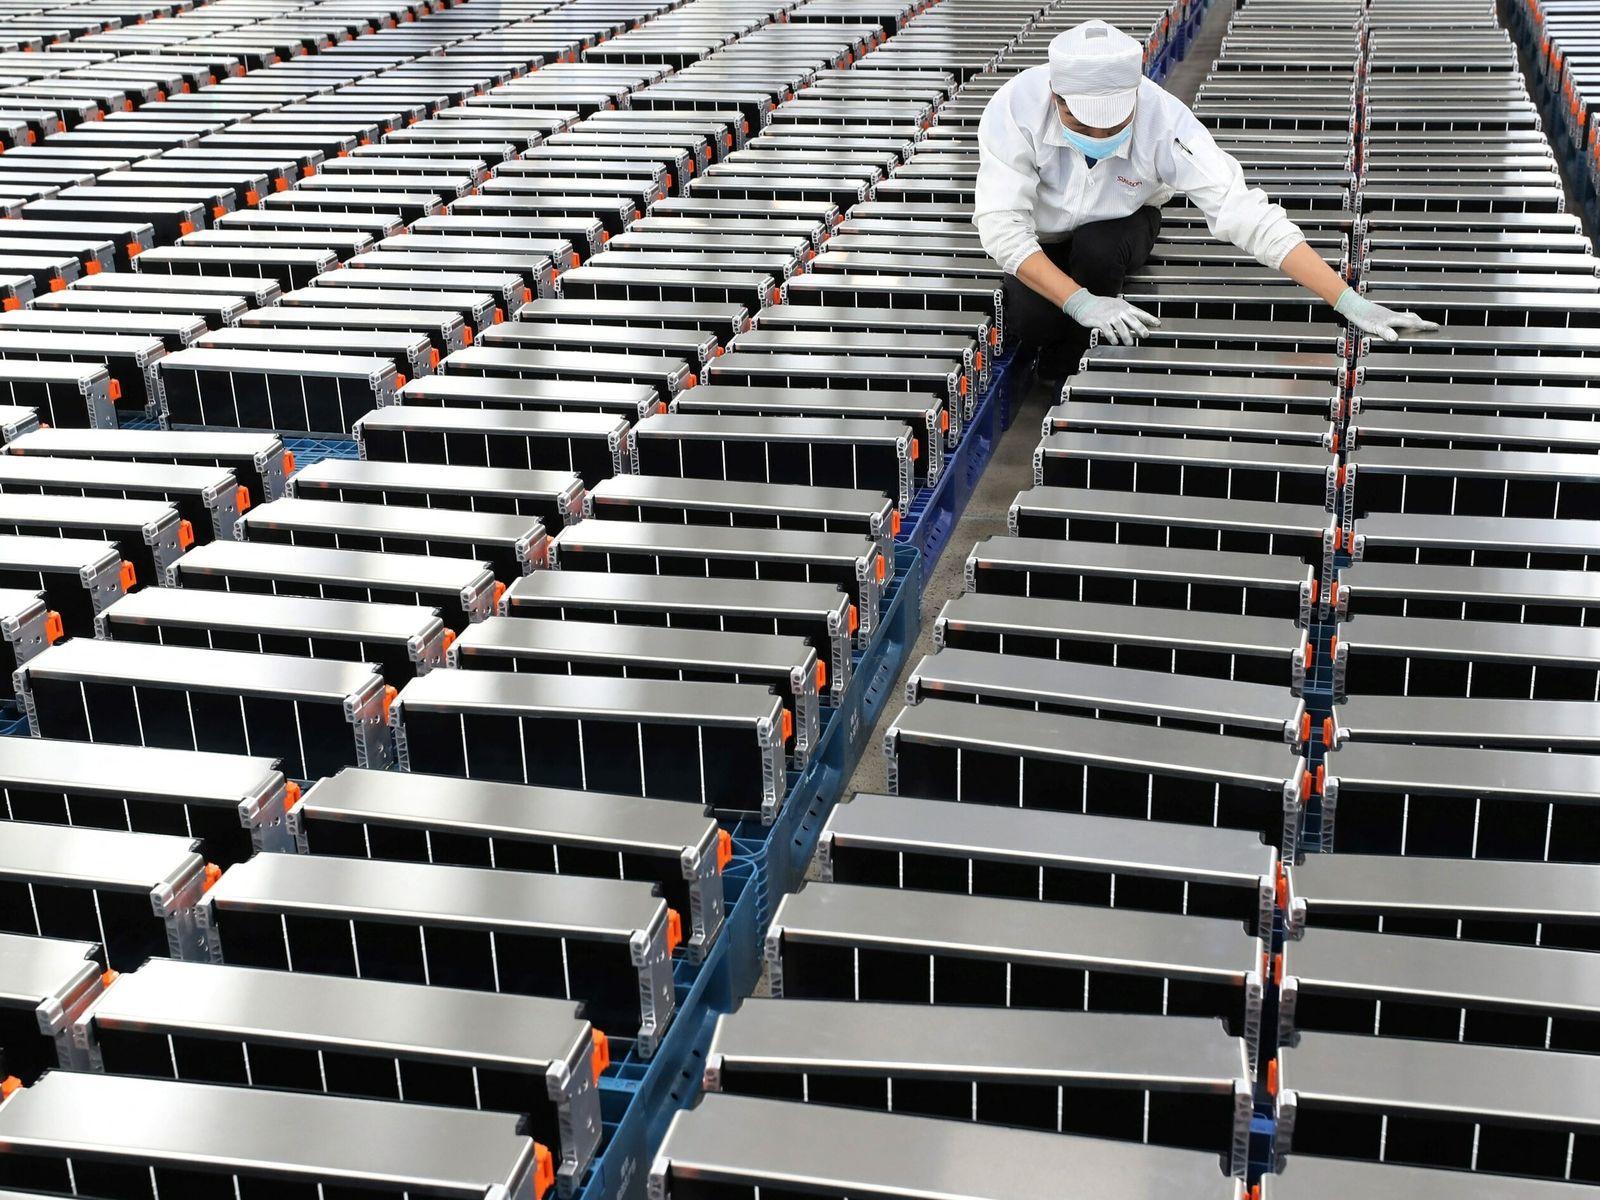 Un trabajador inspecciona las baterías de los coches